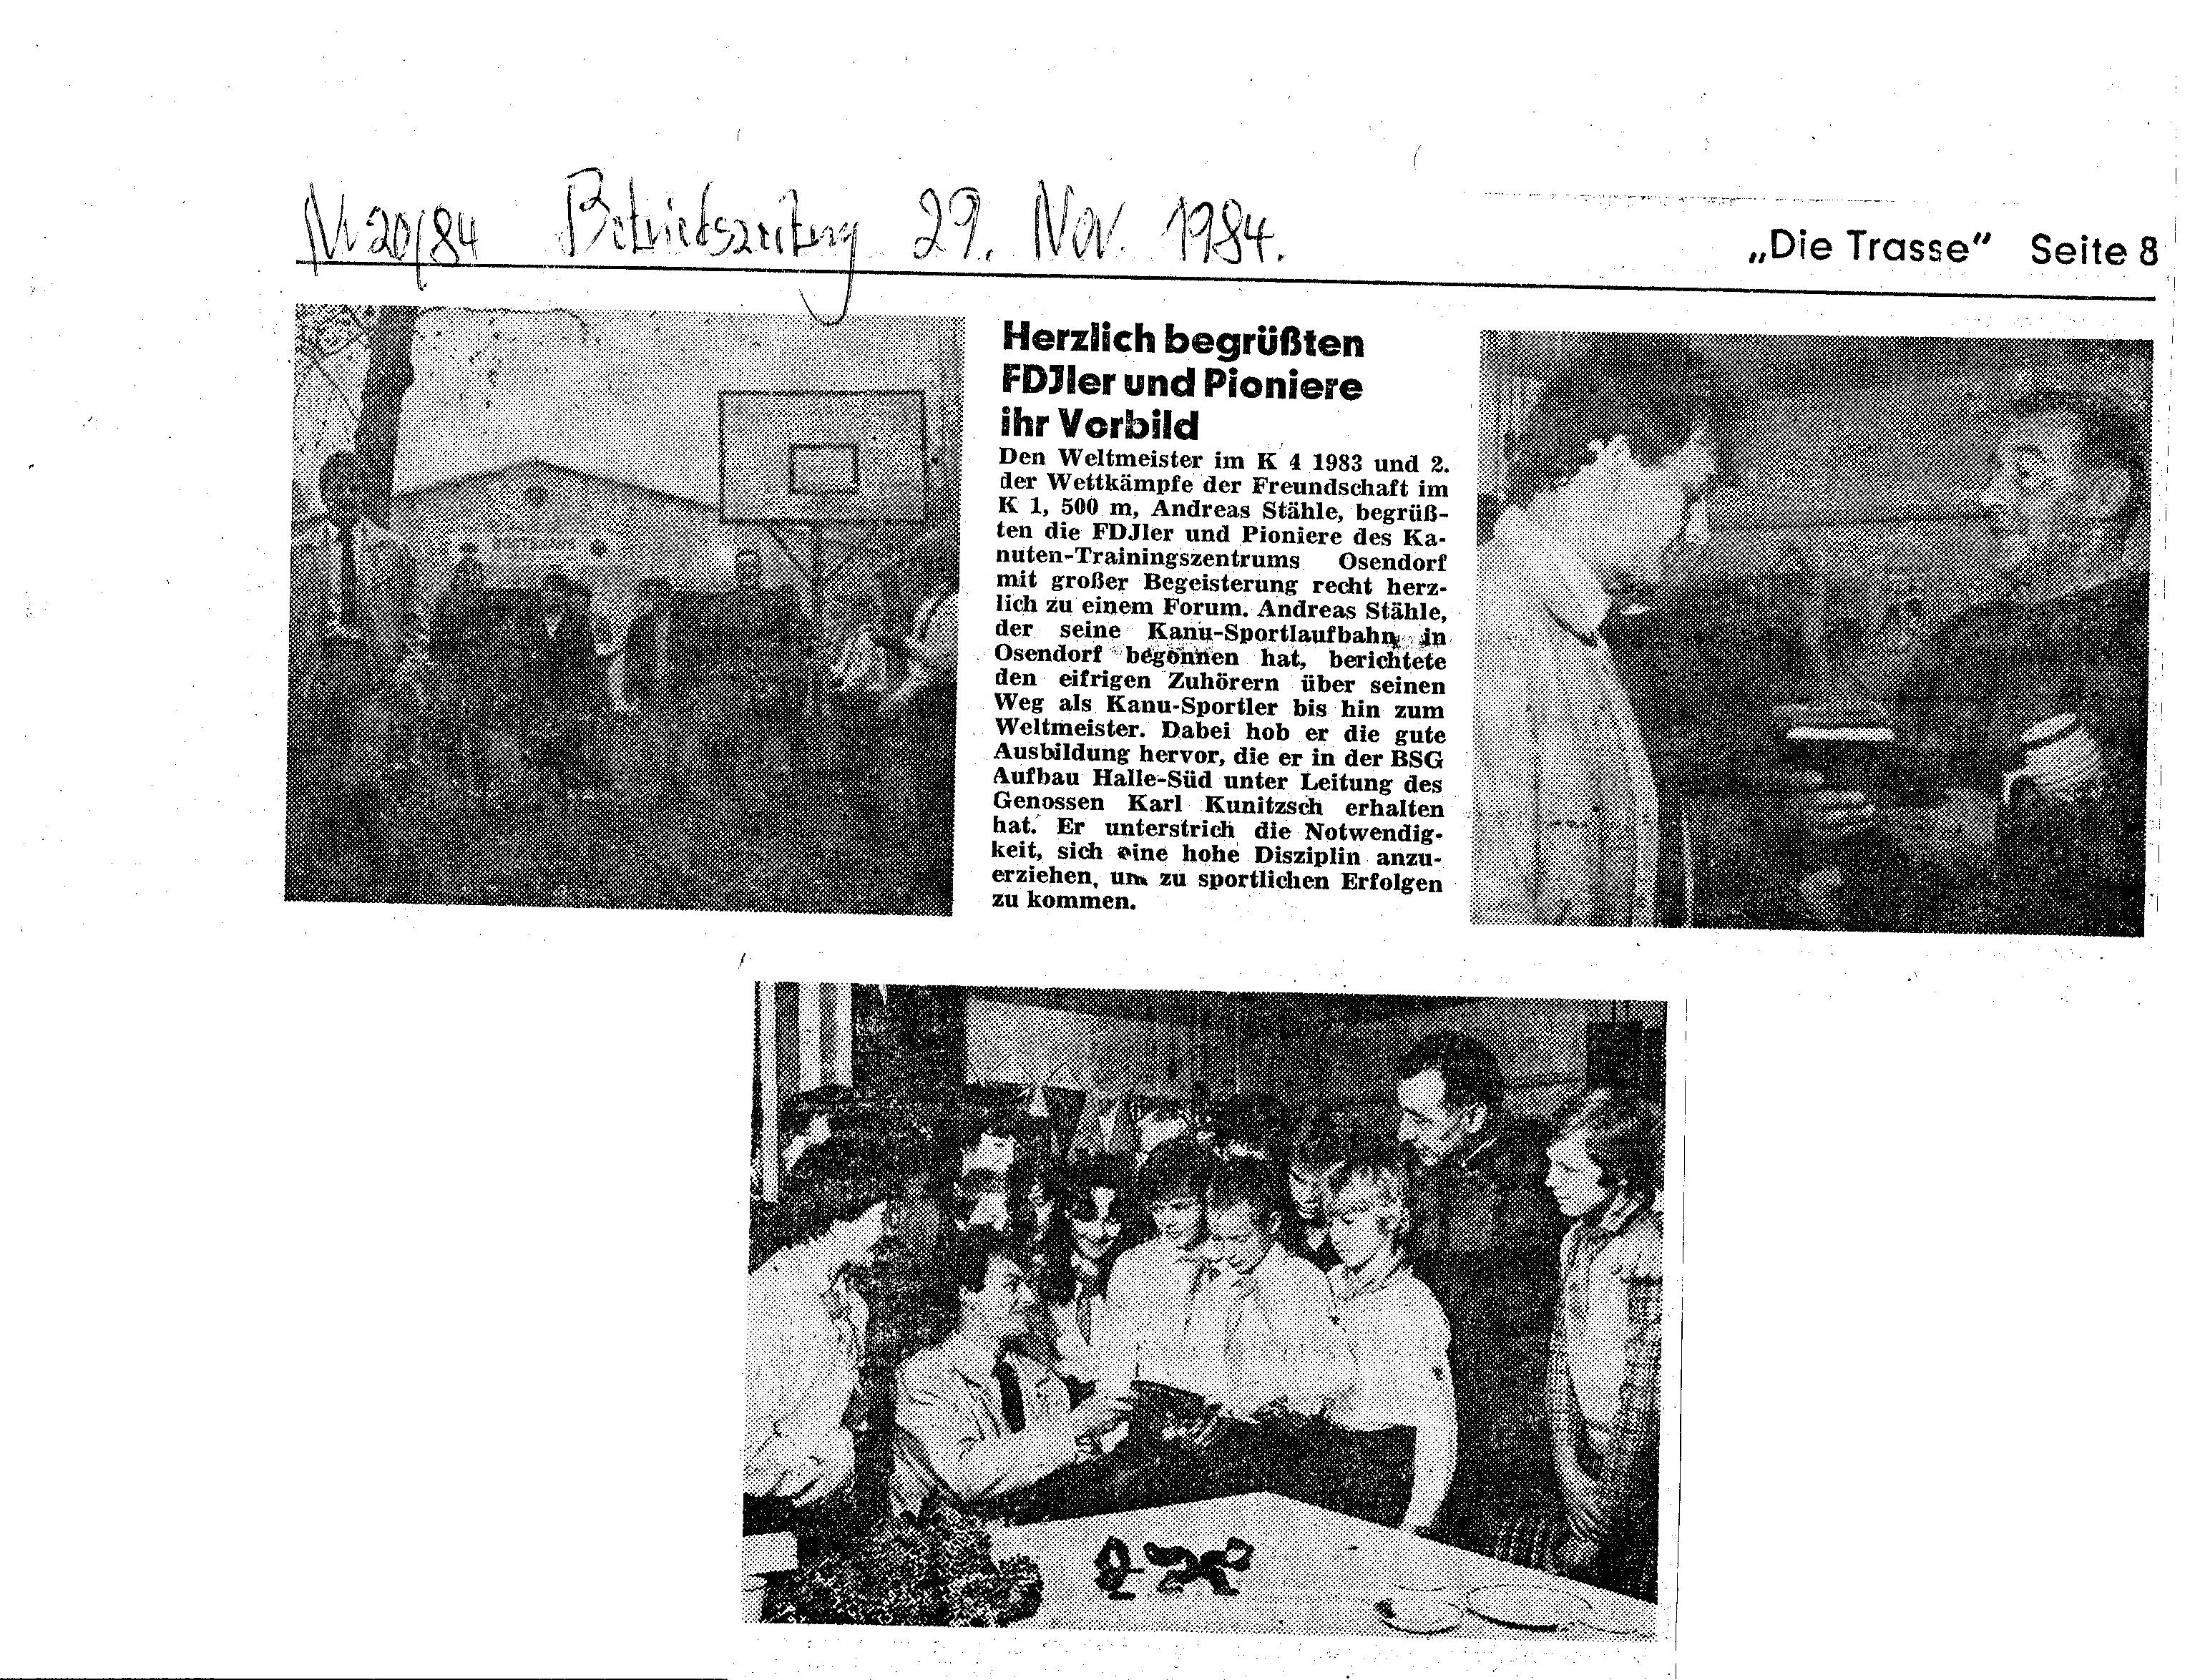 1984-11-29 Die Trasse- Herzlich begrüßten FDJler und Pioniere ihr Vorbild